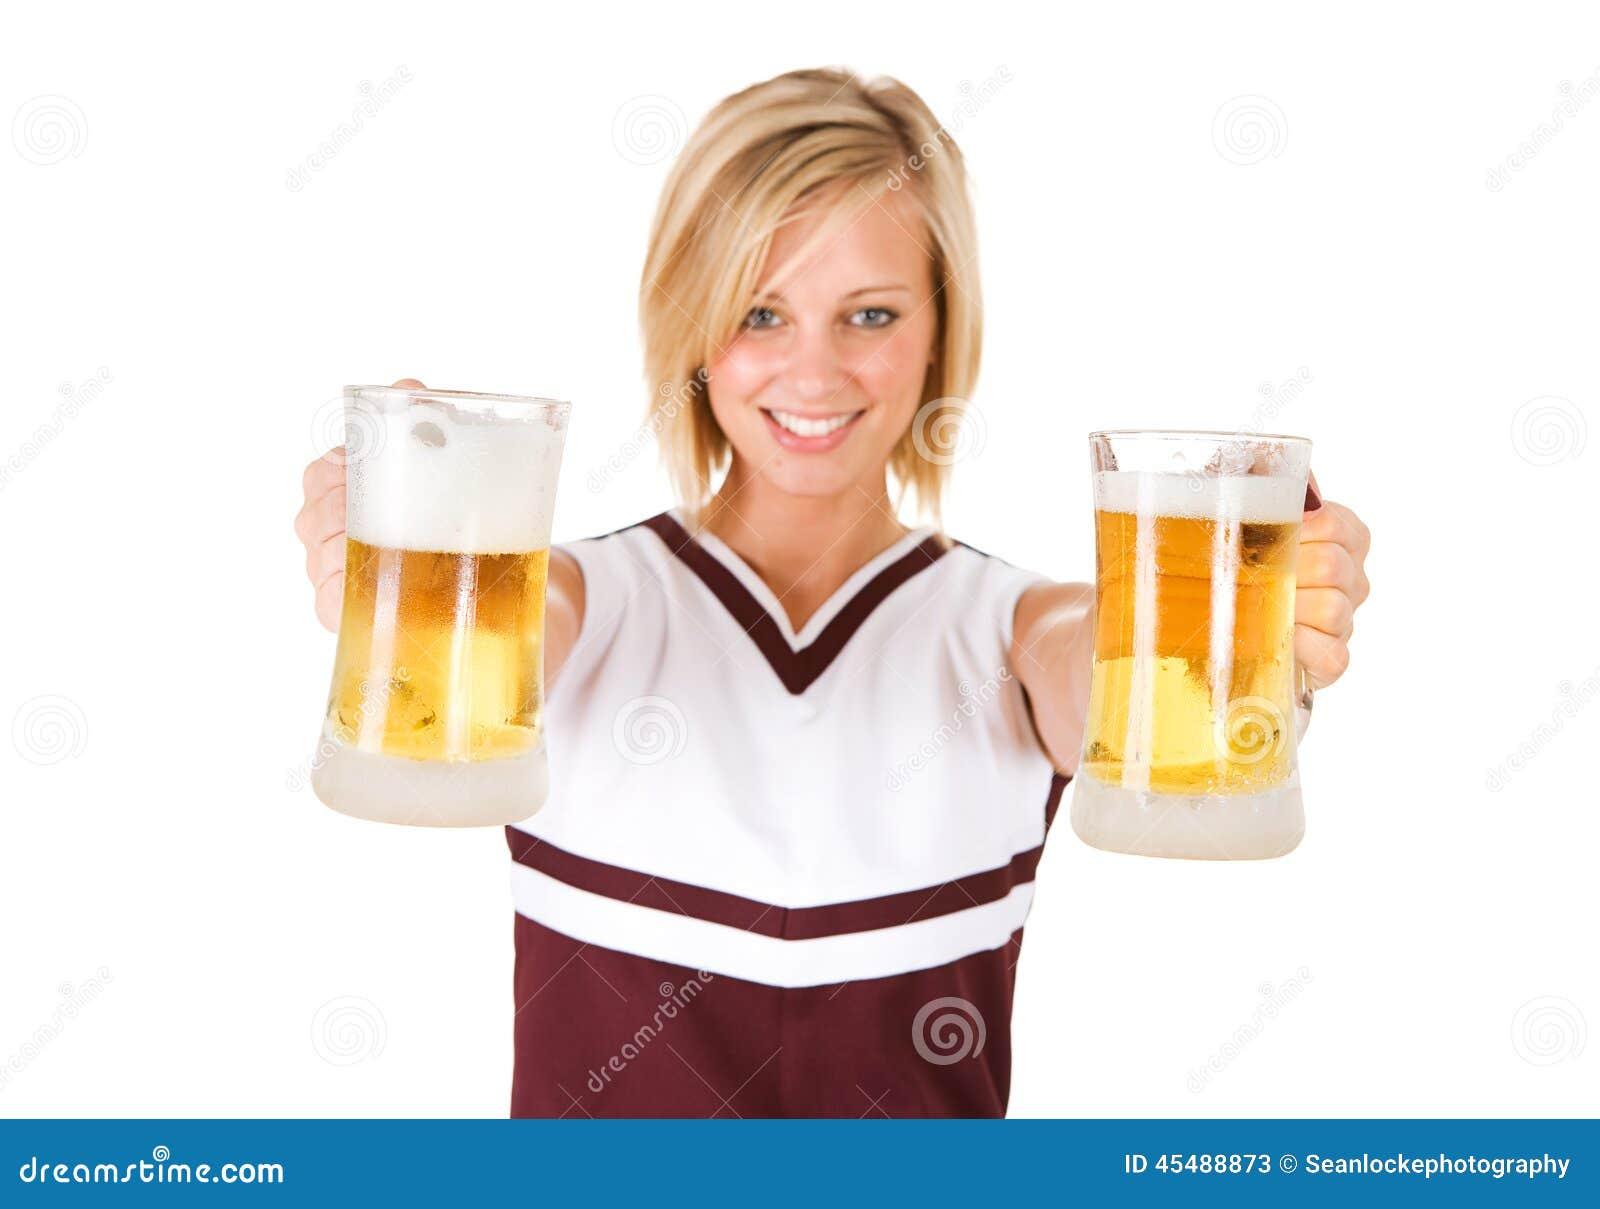 啦啦队员:提供两个玻璃杯子啤酒的妇女